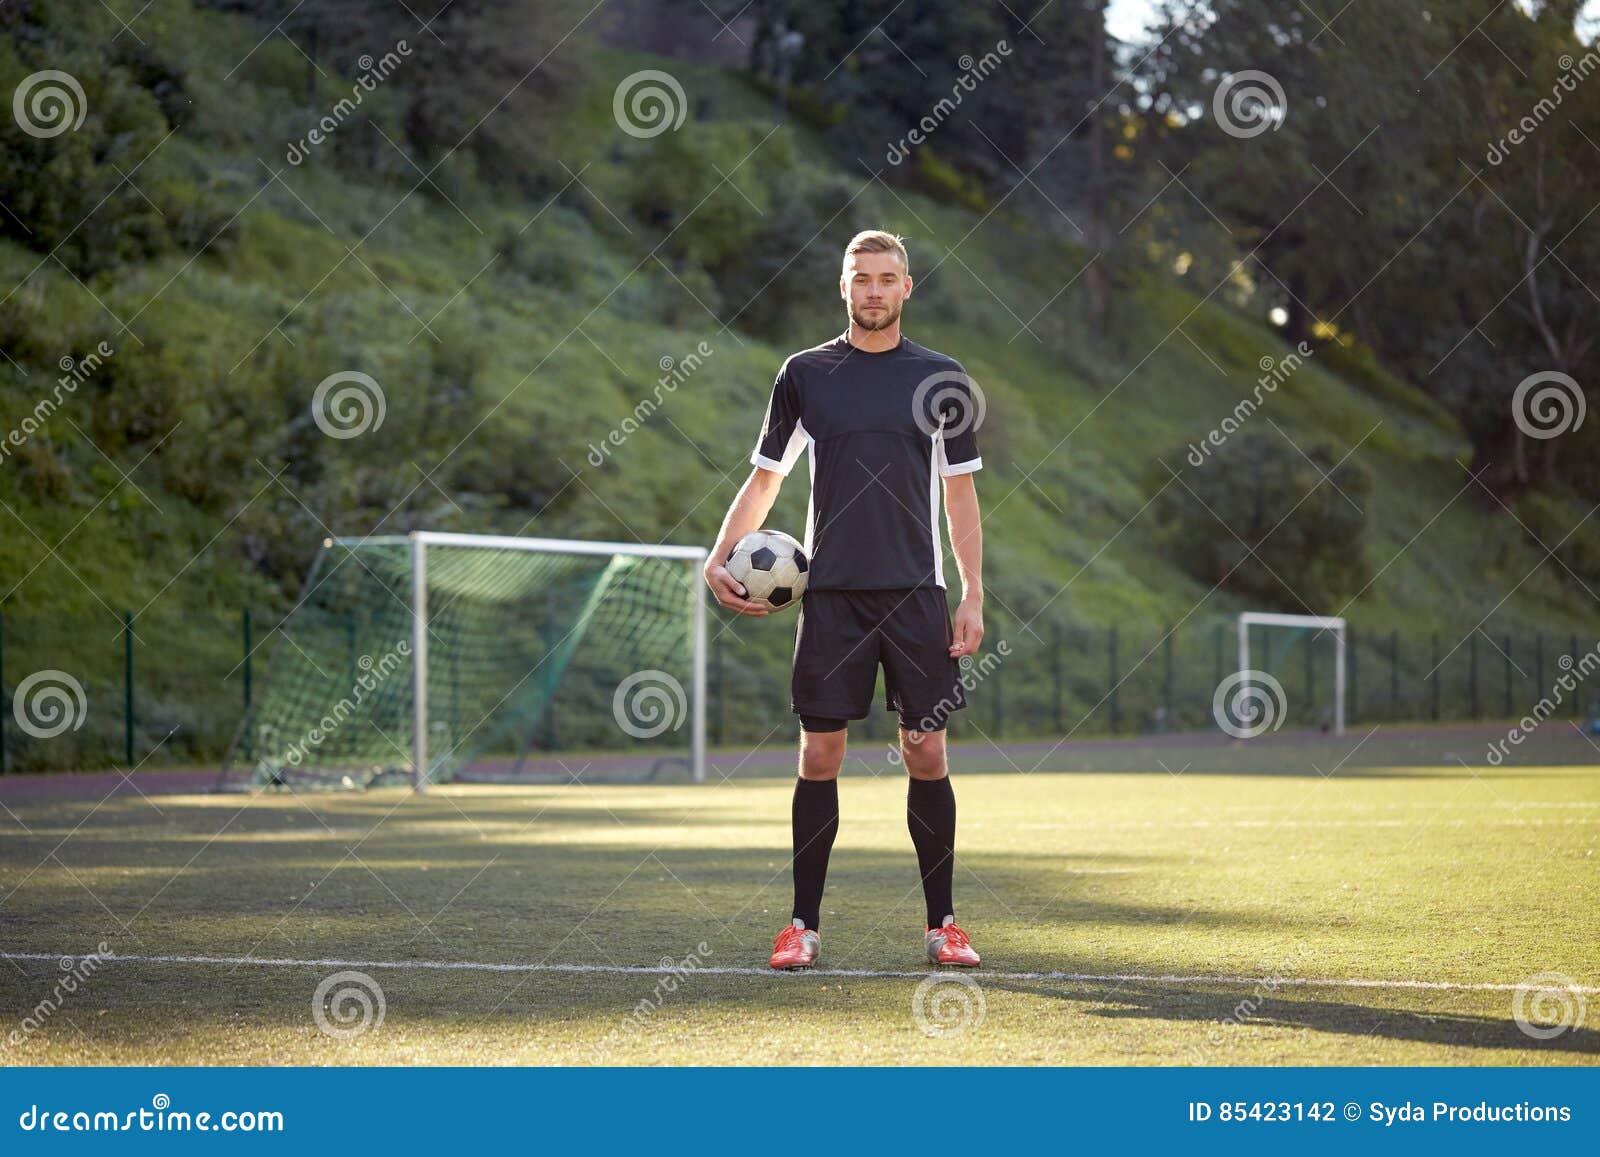 Футболист с шариком на футбольном поле